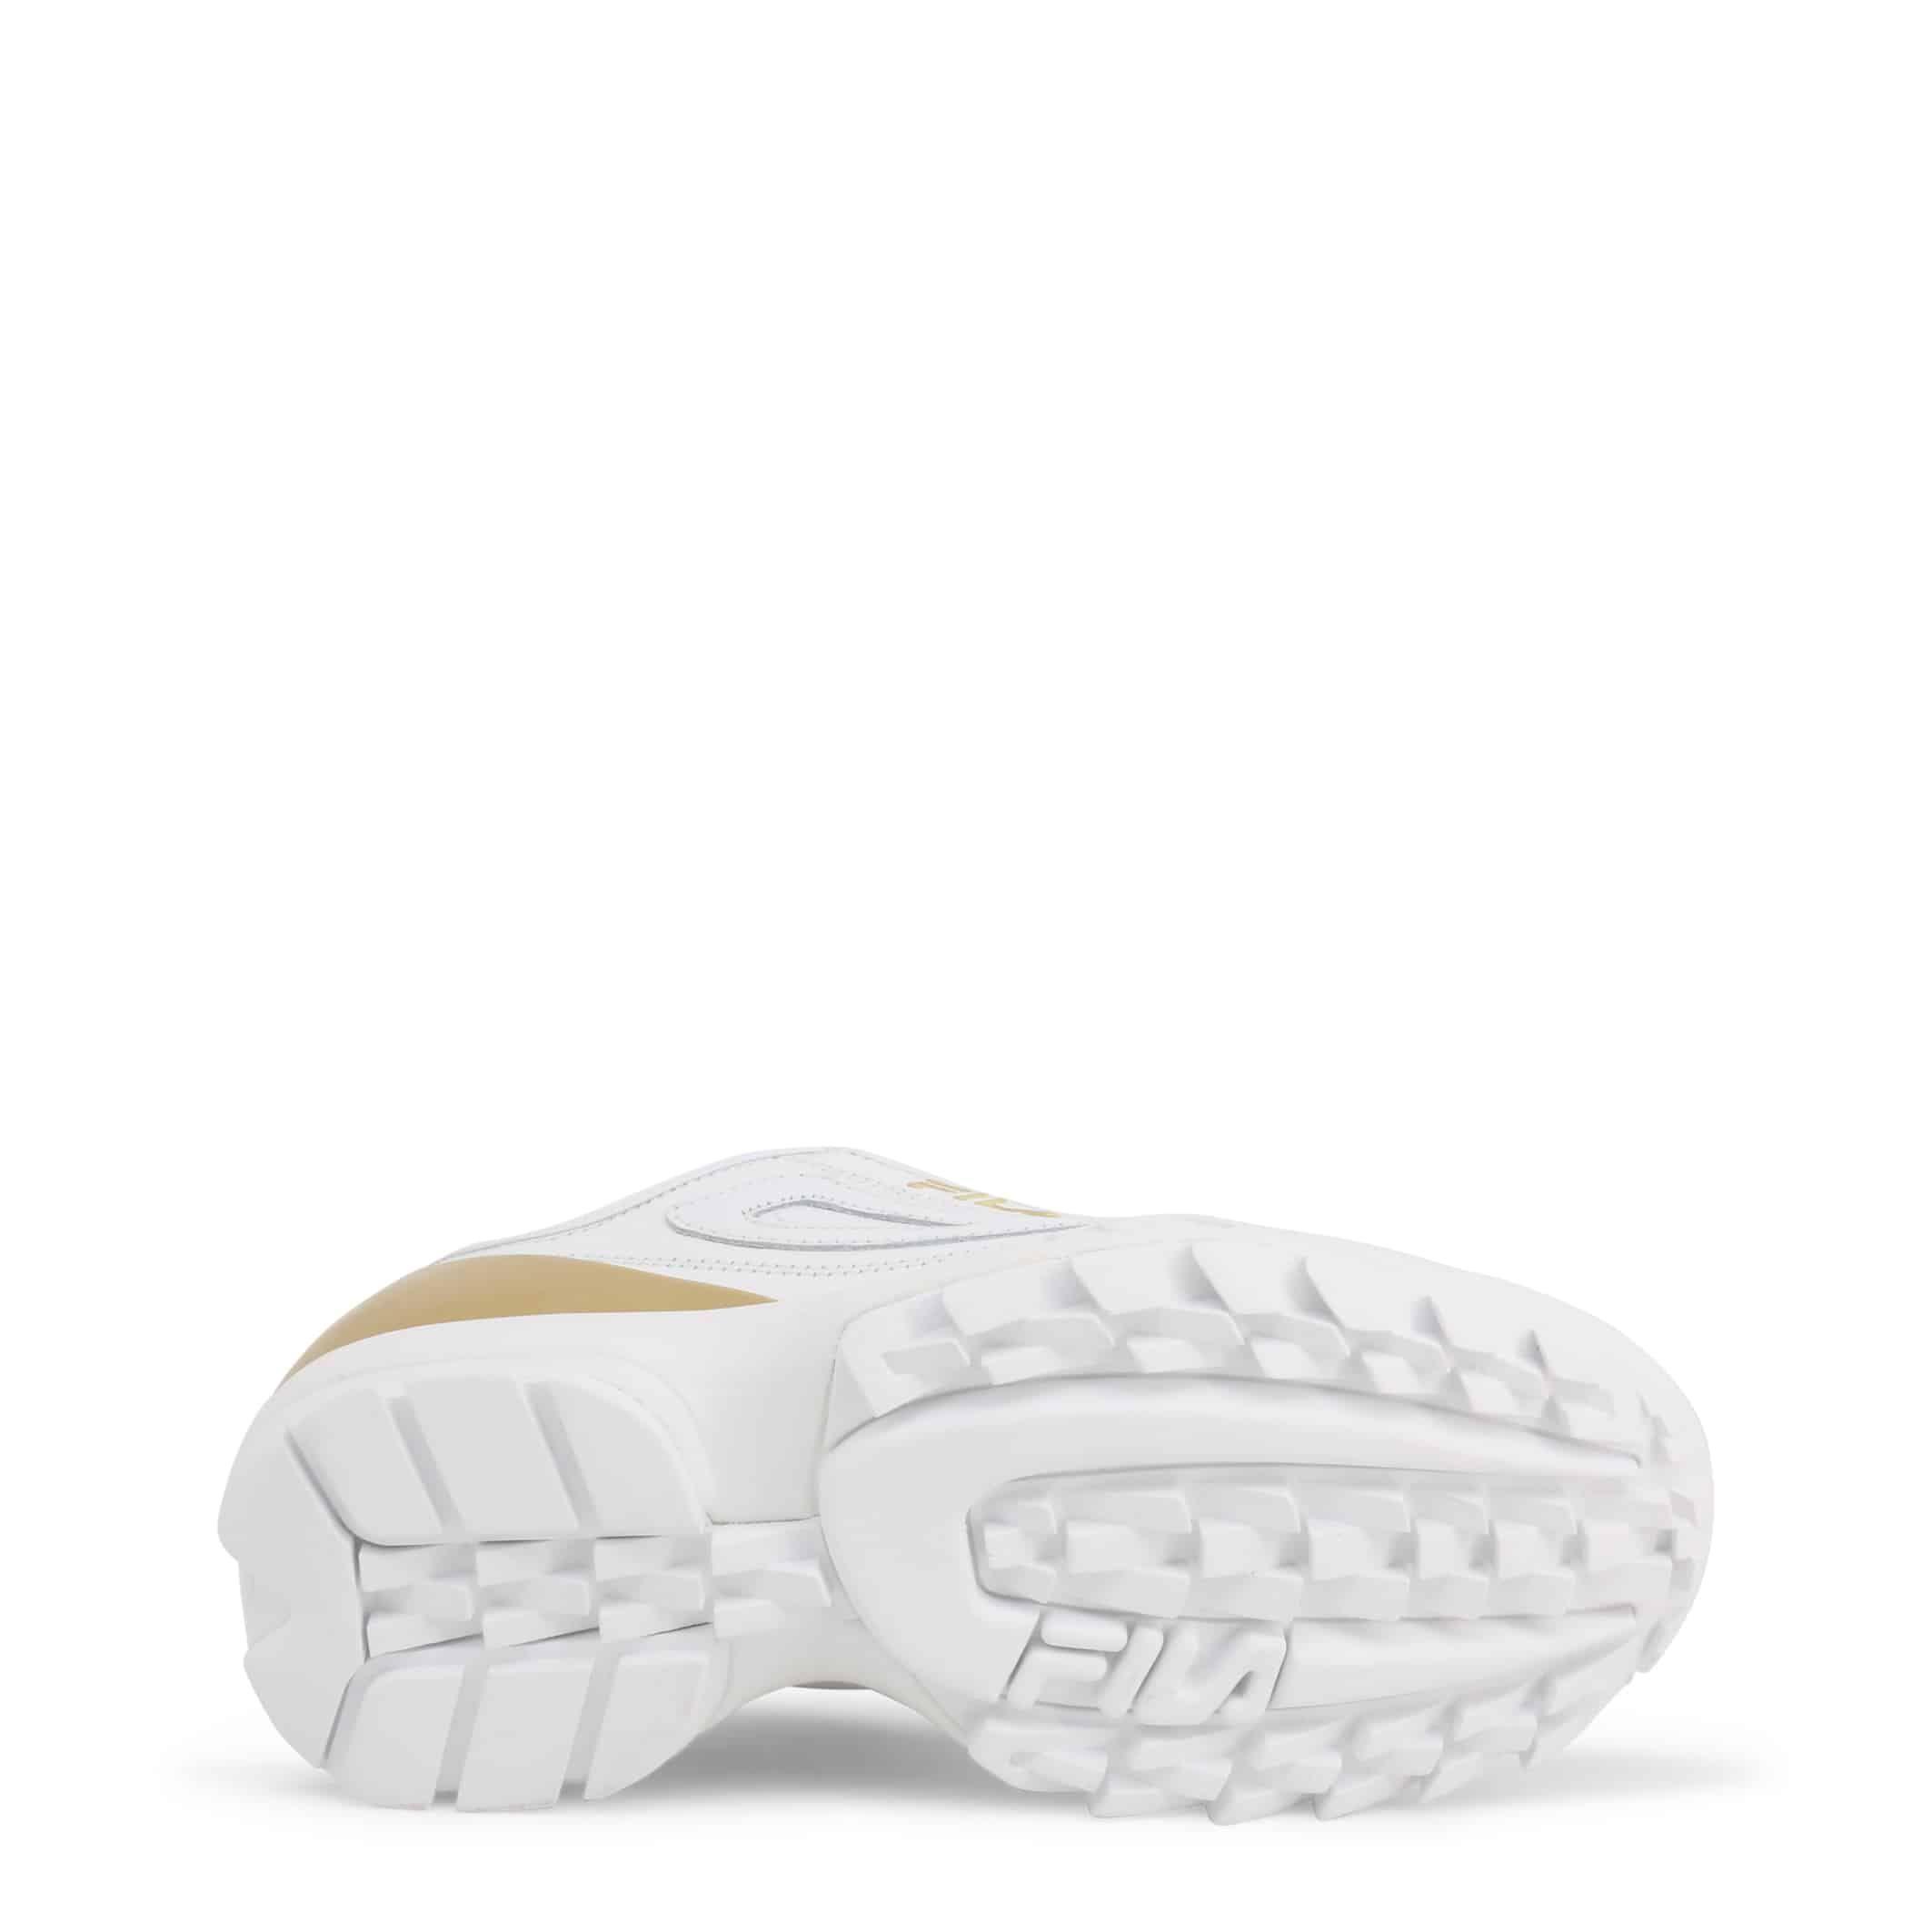 Sneakers Fila – DISRUPTOR-PREMIUM_1010862